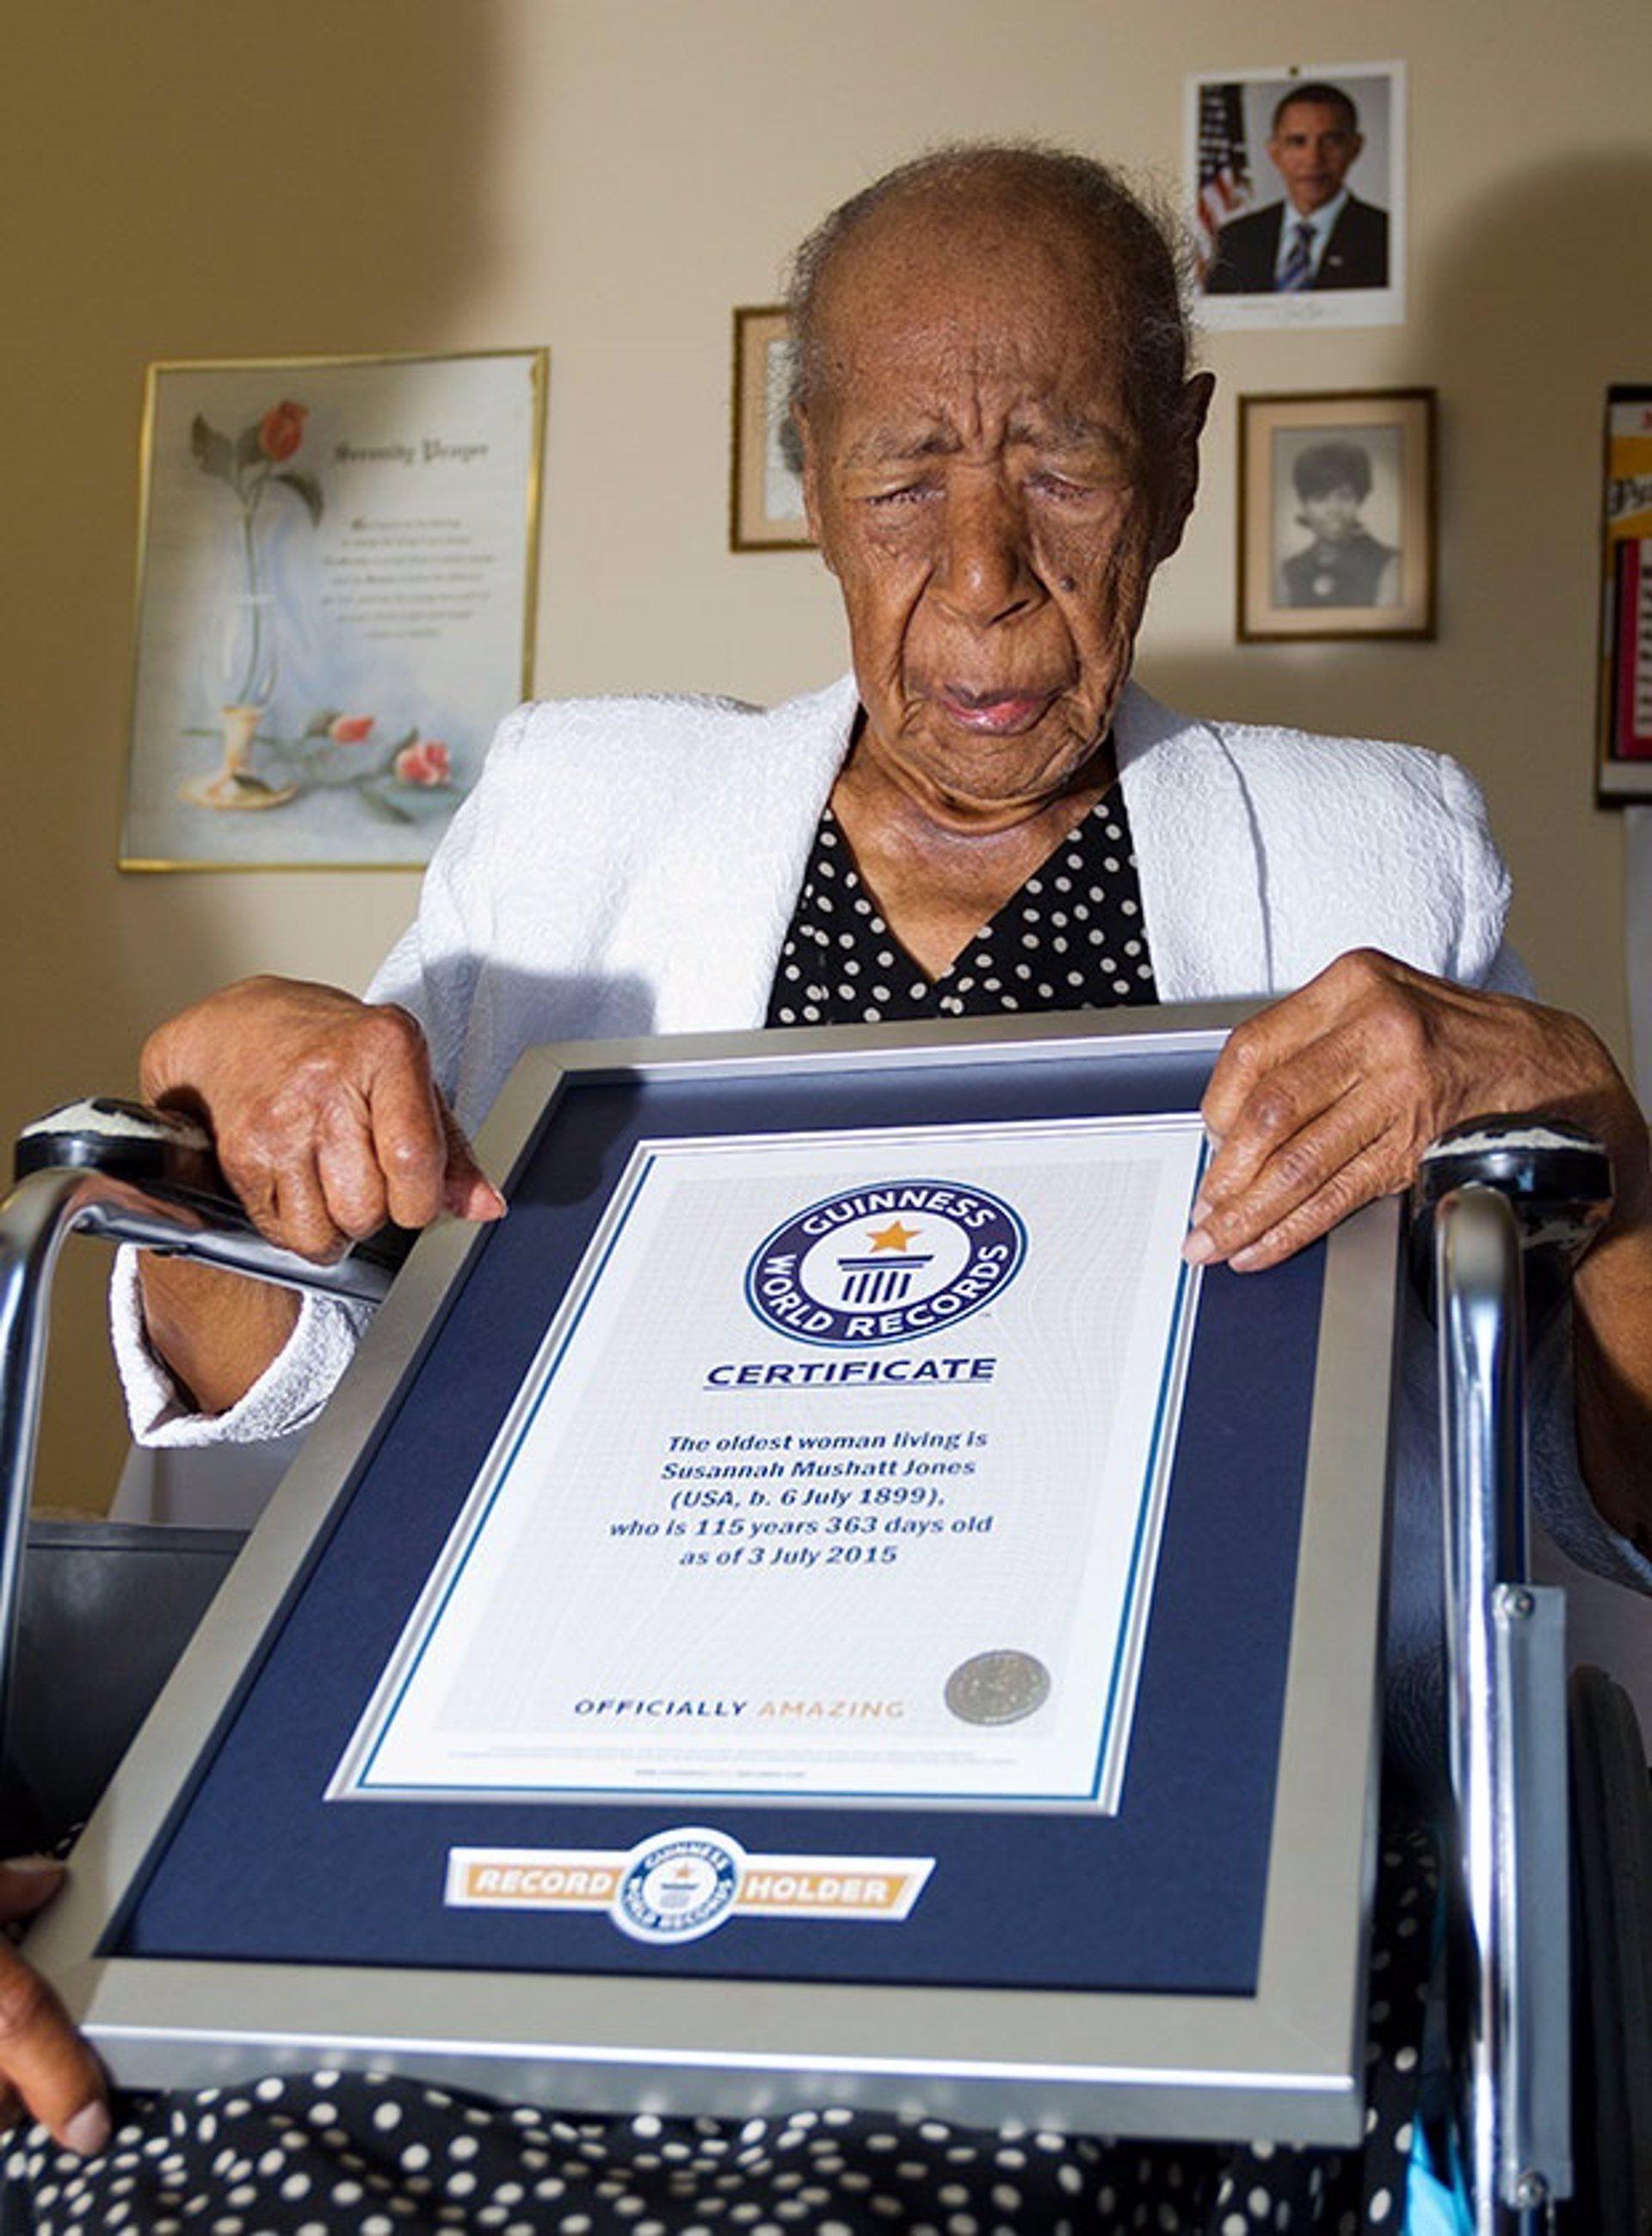 Cumple 116 años la persona más anciana del mundo